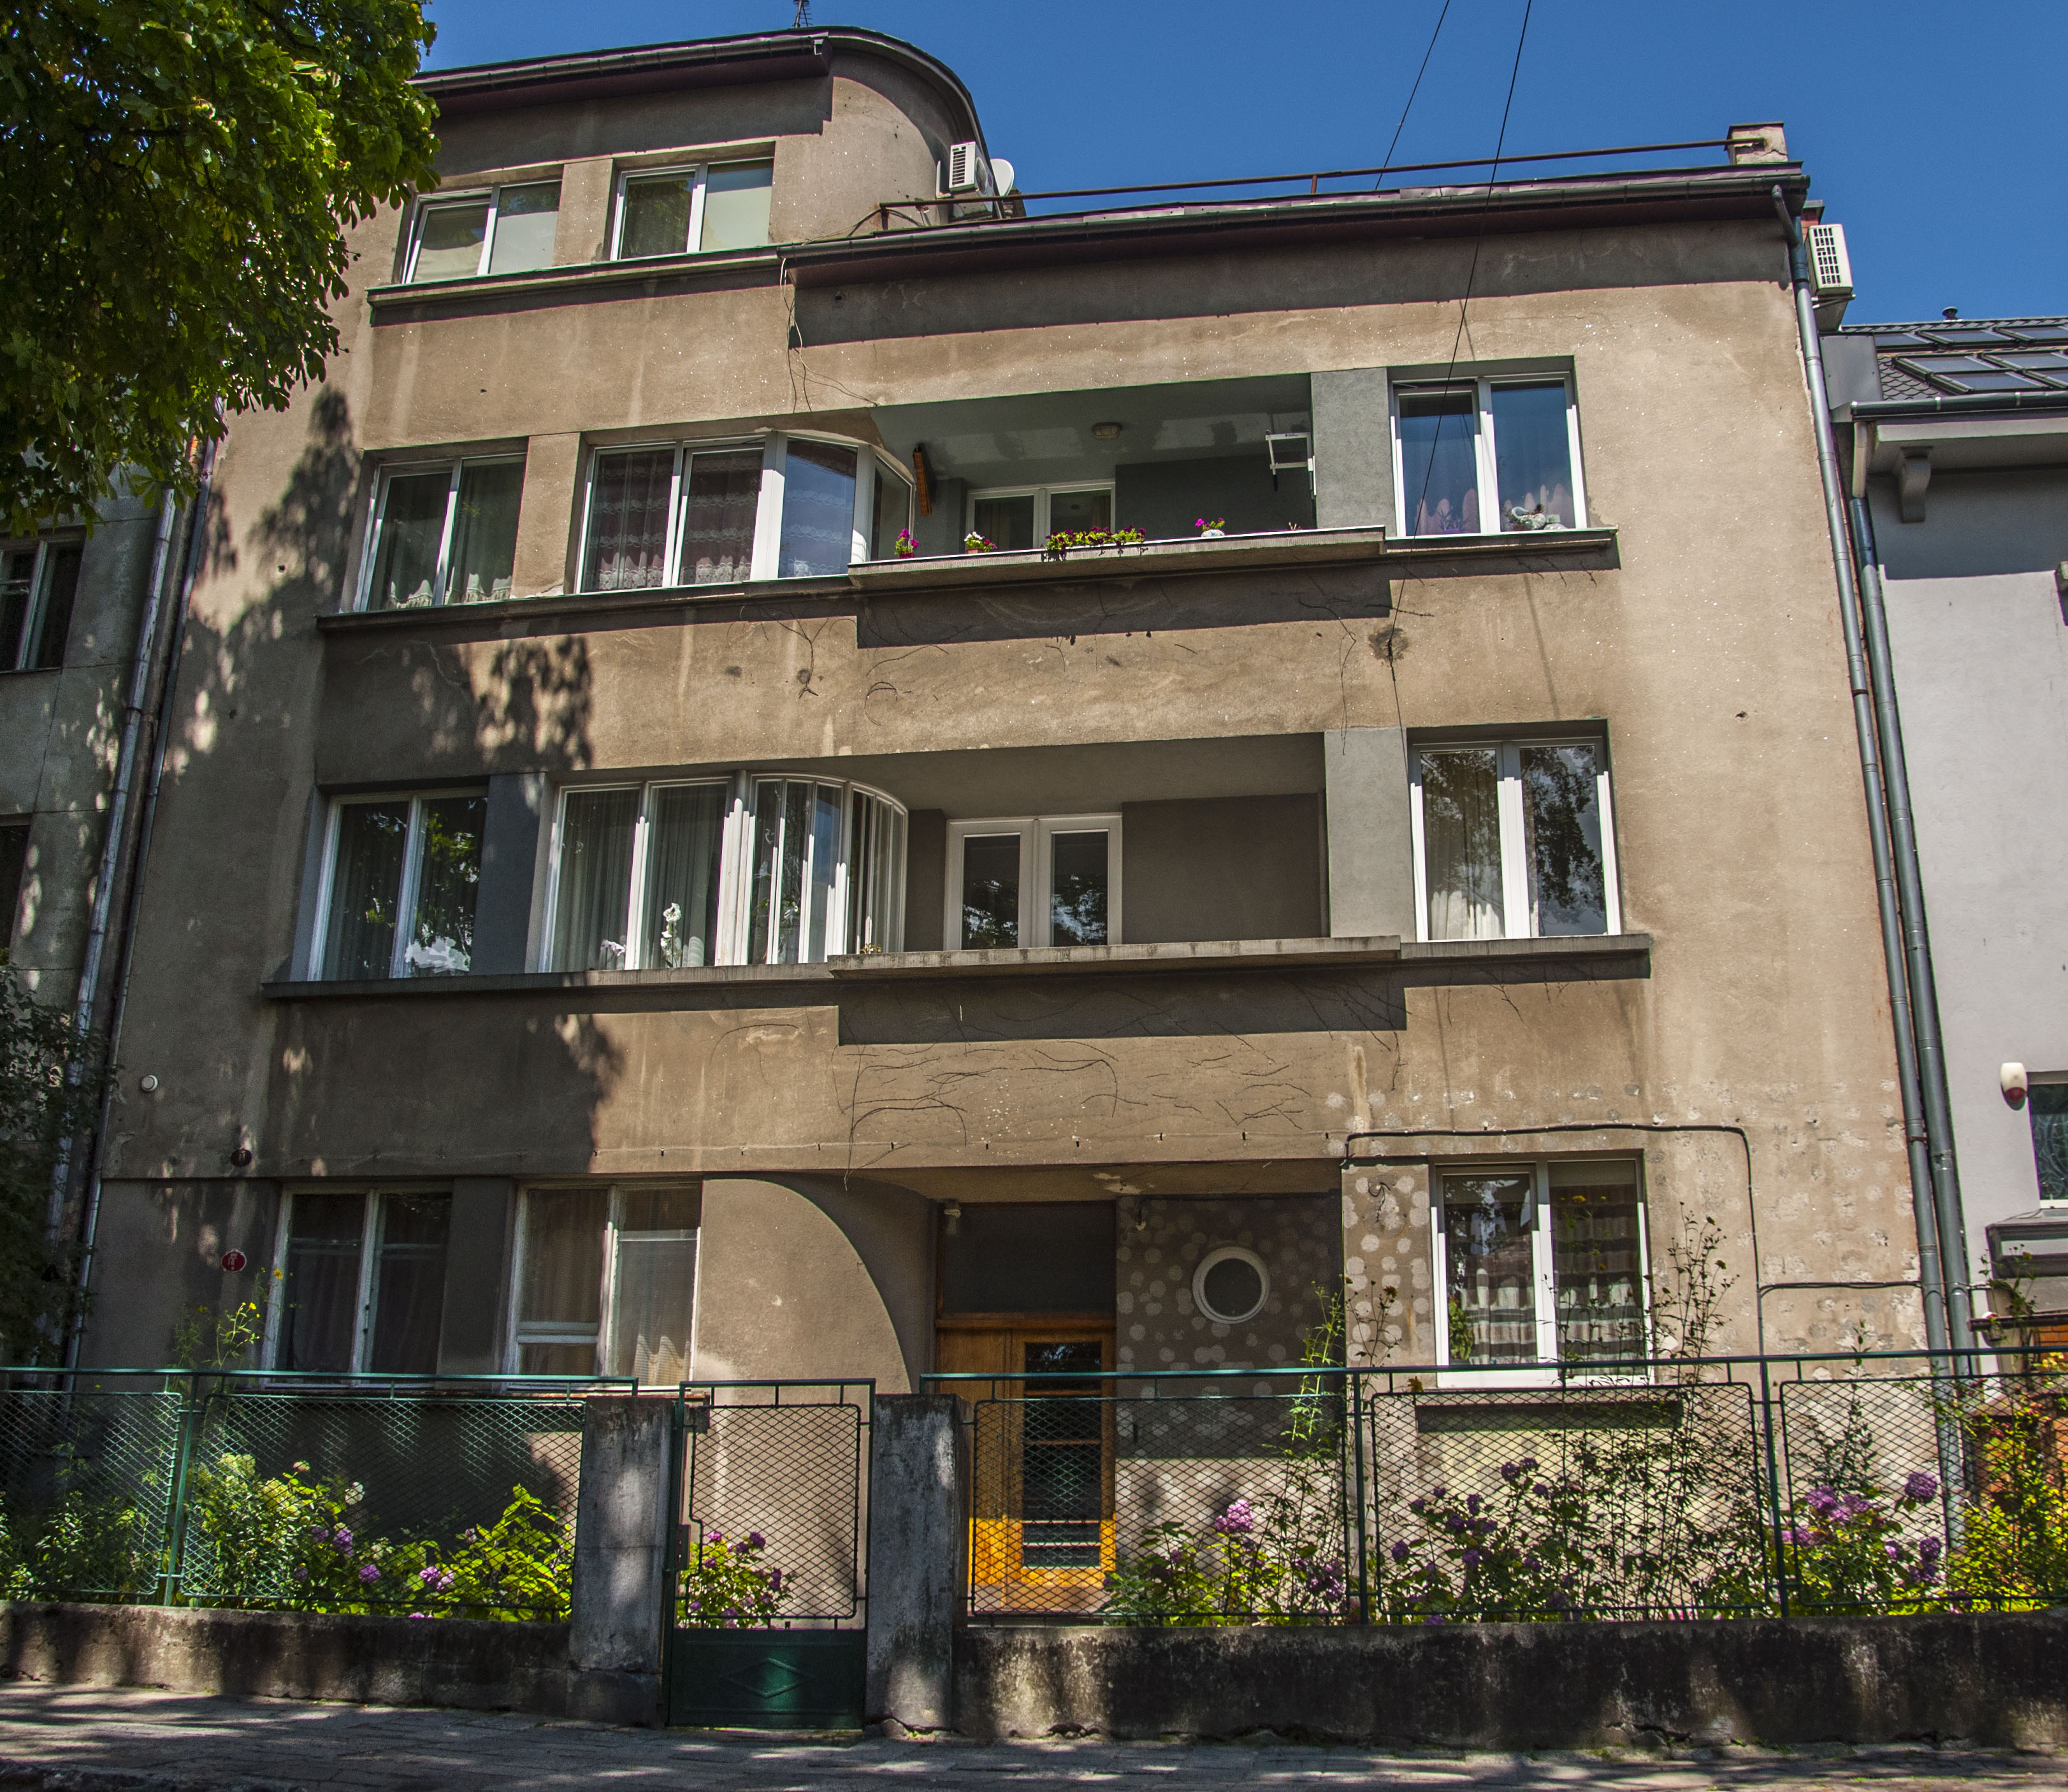 Житловий будинок на вул. Котляревського, 32, функціоналізм, фото М. Ляхович